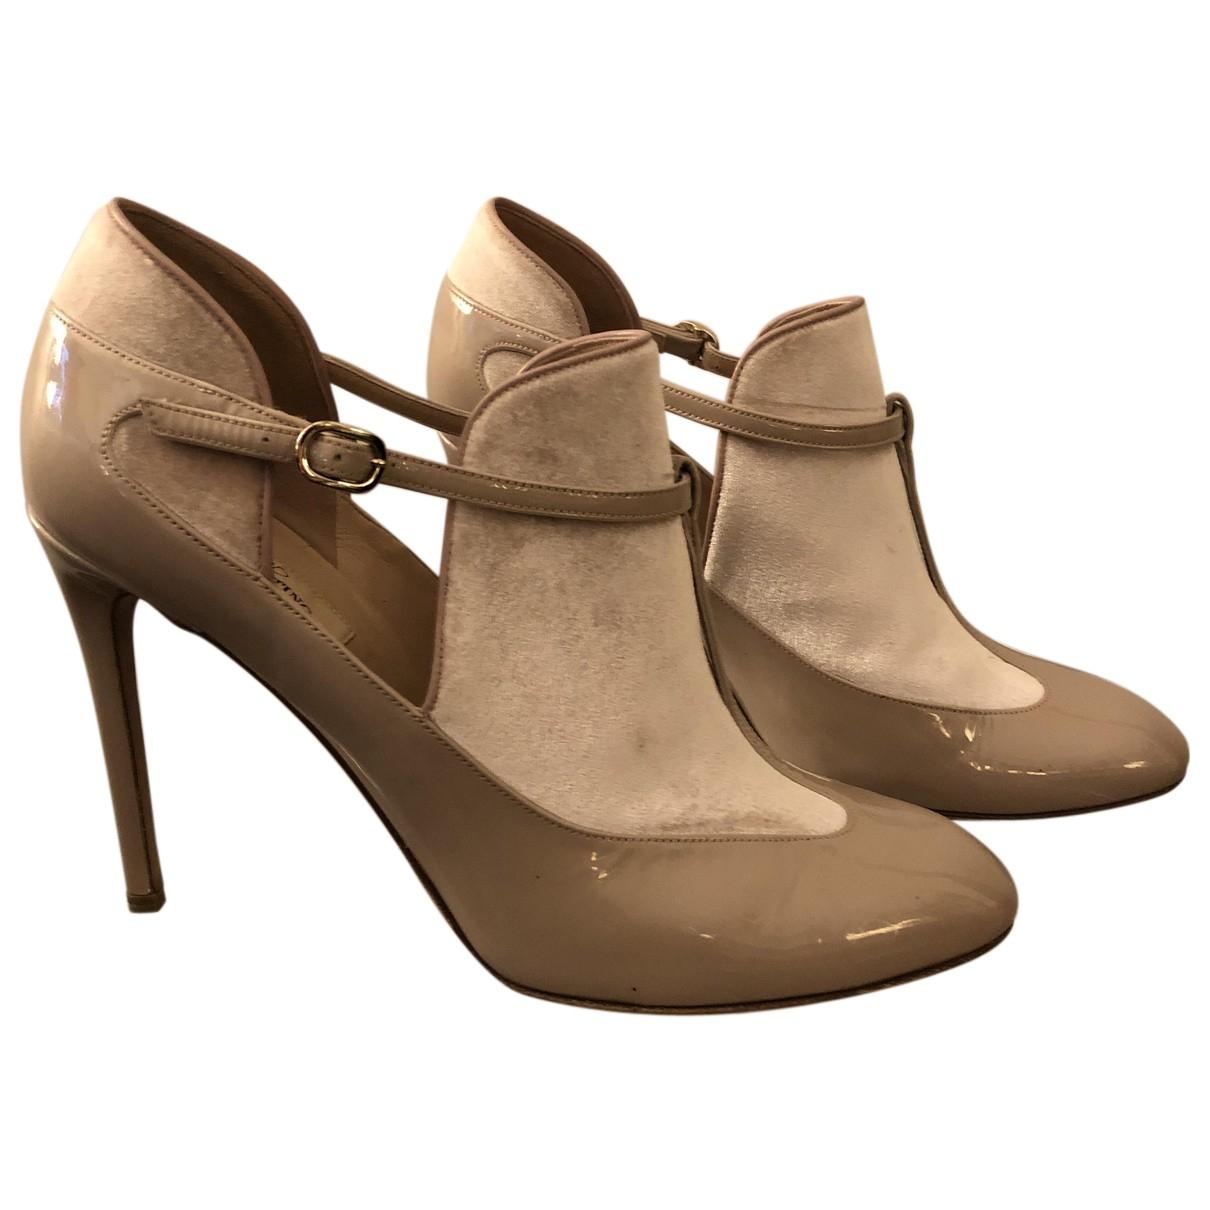 Valentino Garavani - Escarpins   pour femme en cuir verni - beige